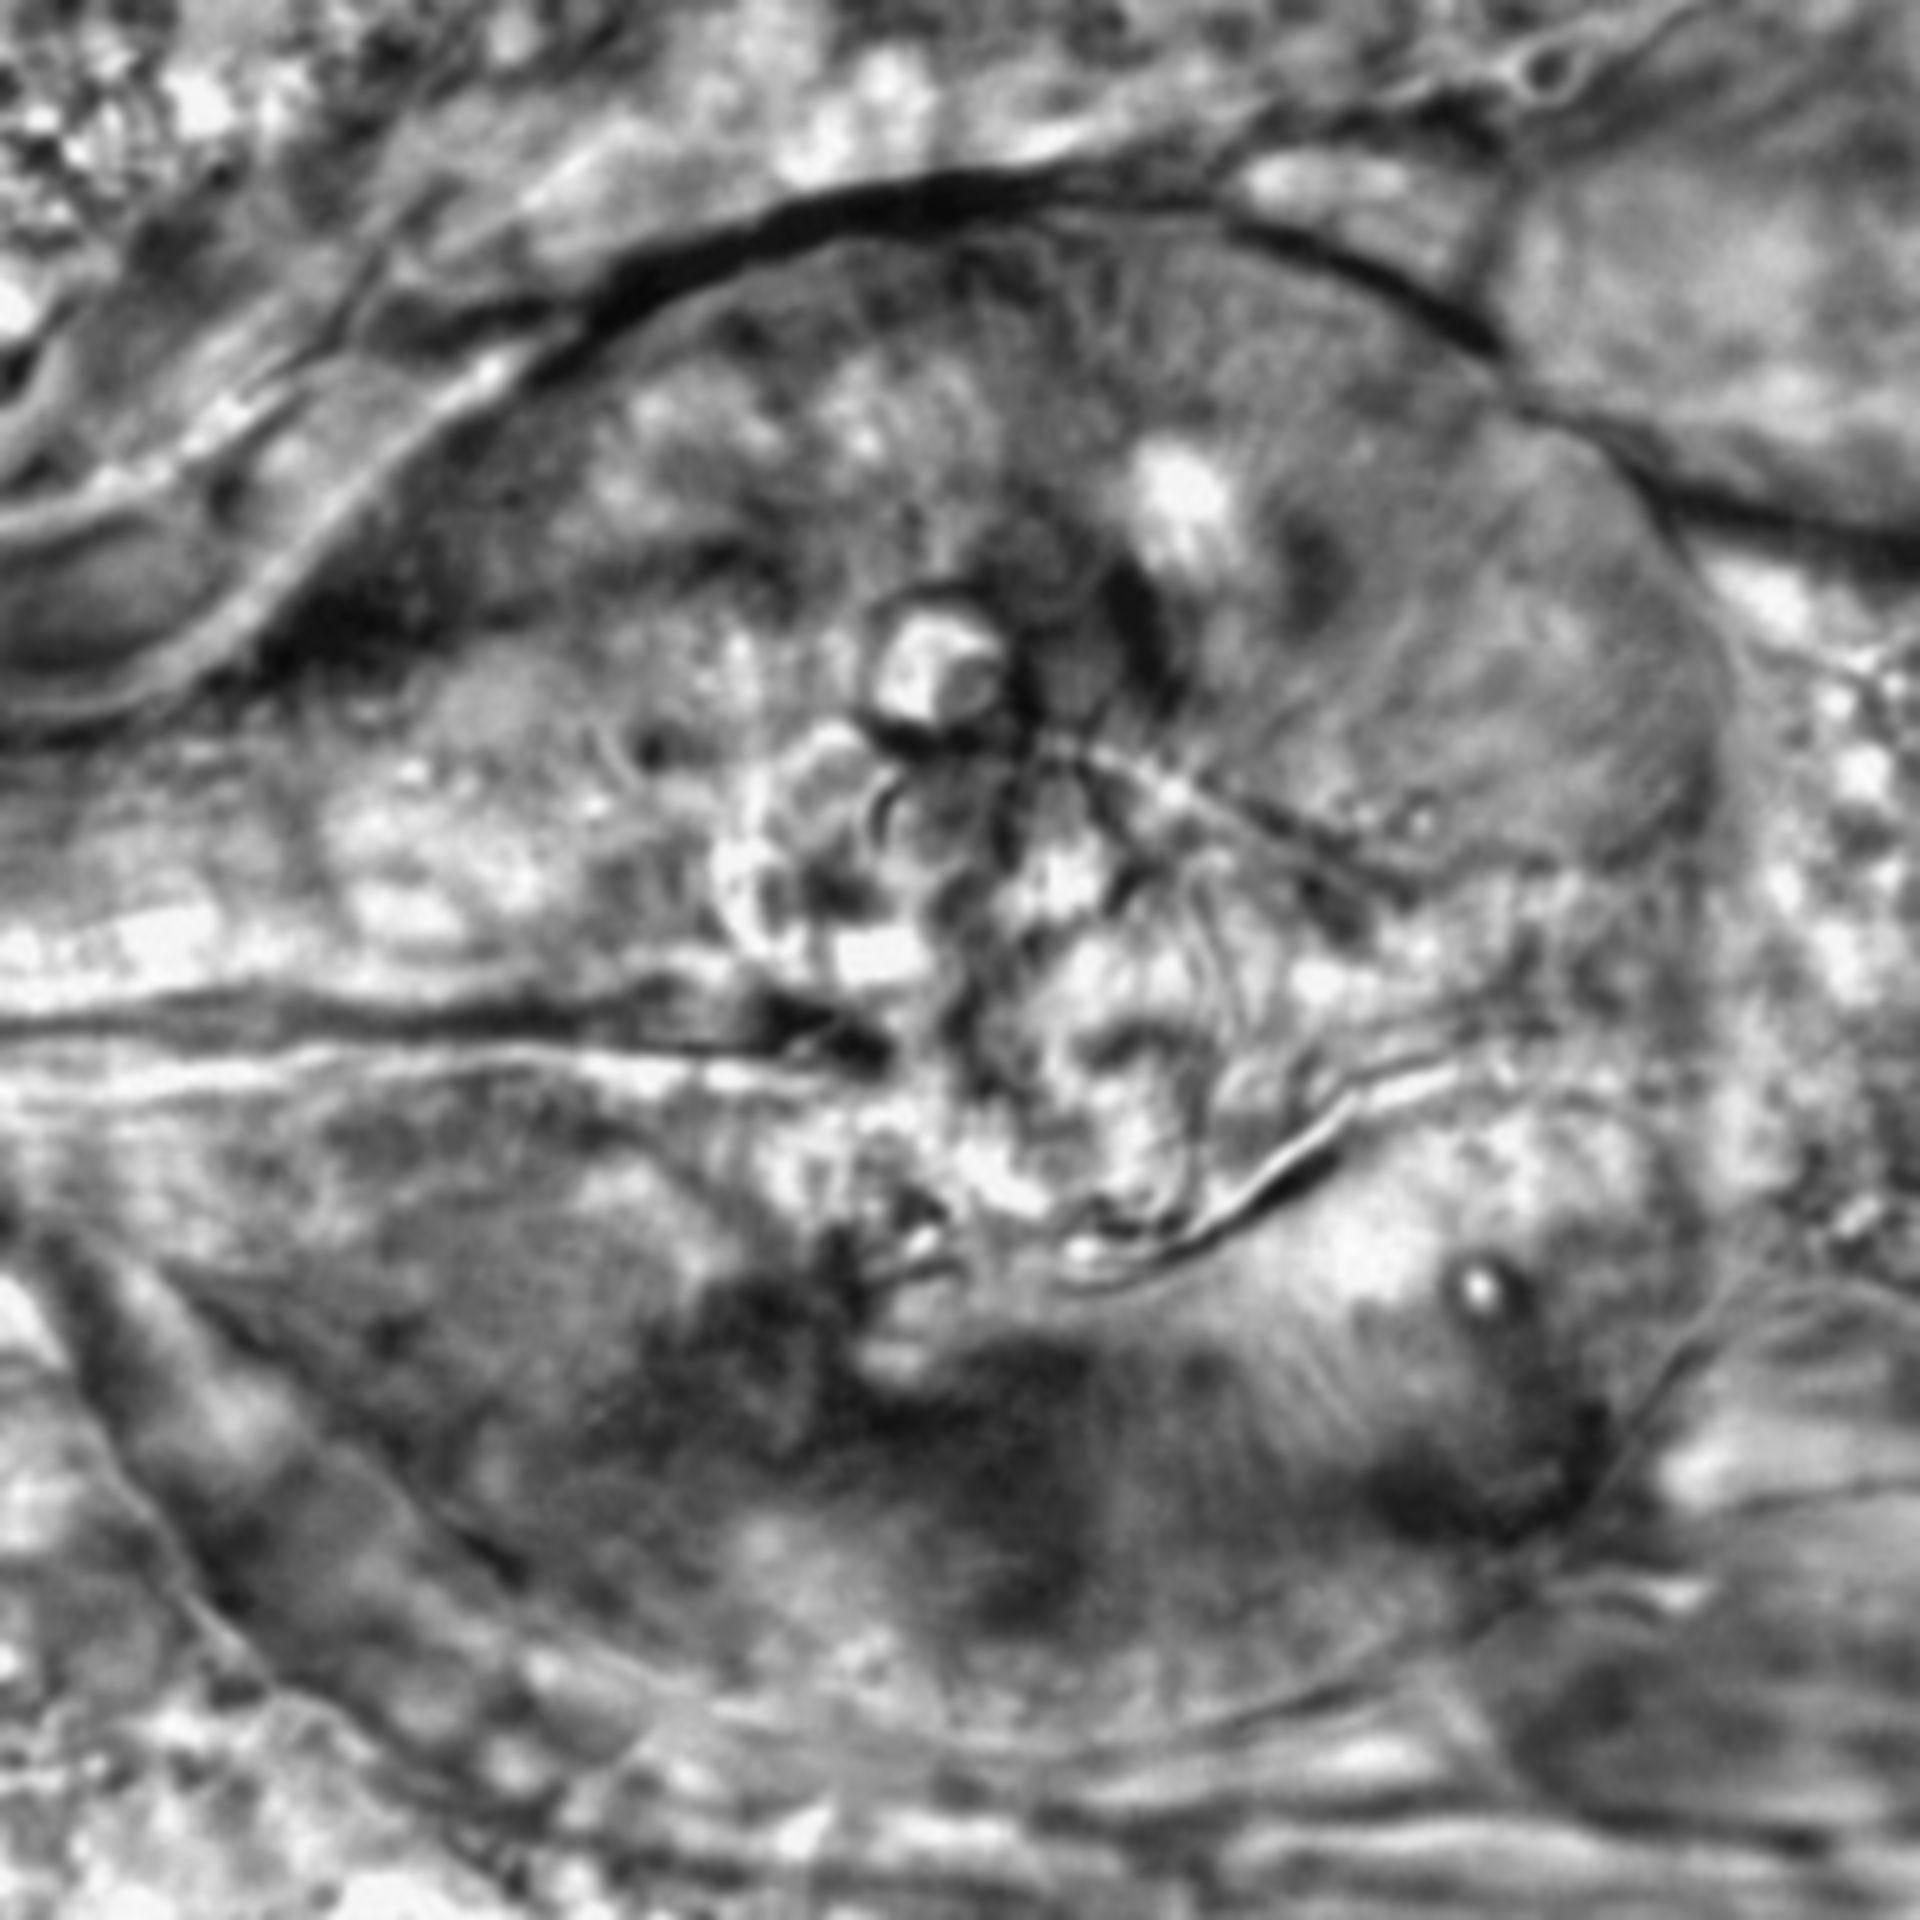 Caenorhabditis elegans - CIL:2571